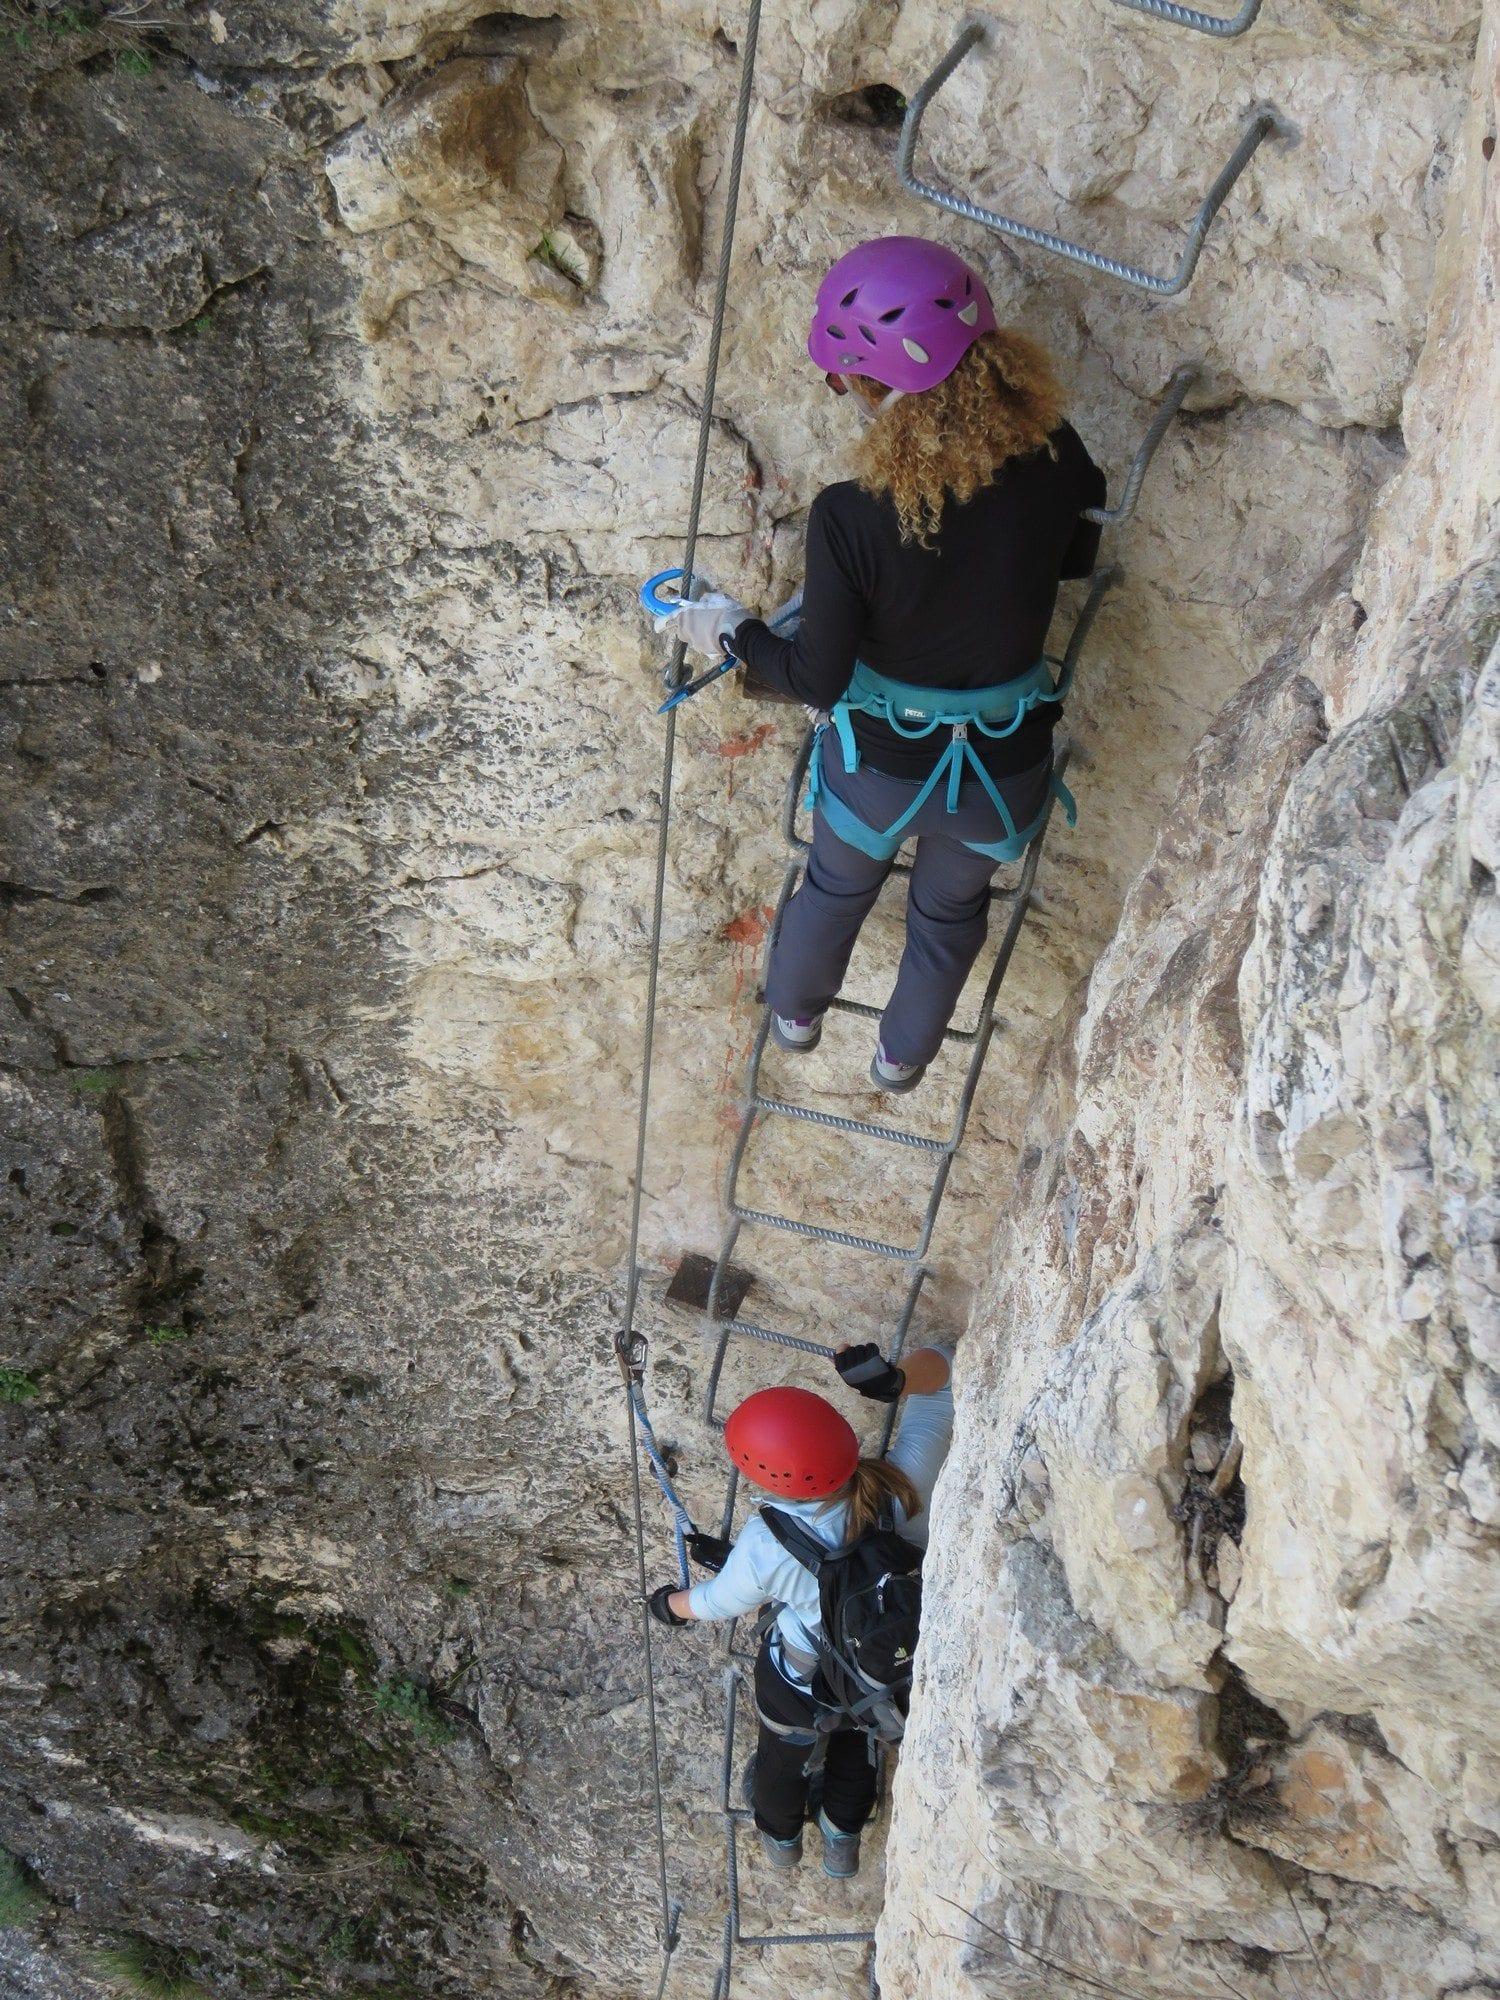 ויה פראטה Albano - אקסטרים באיטליה - ערוצים בטבע